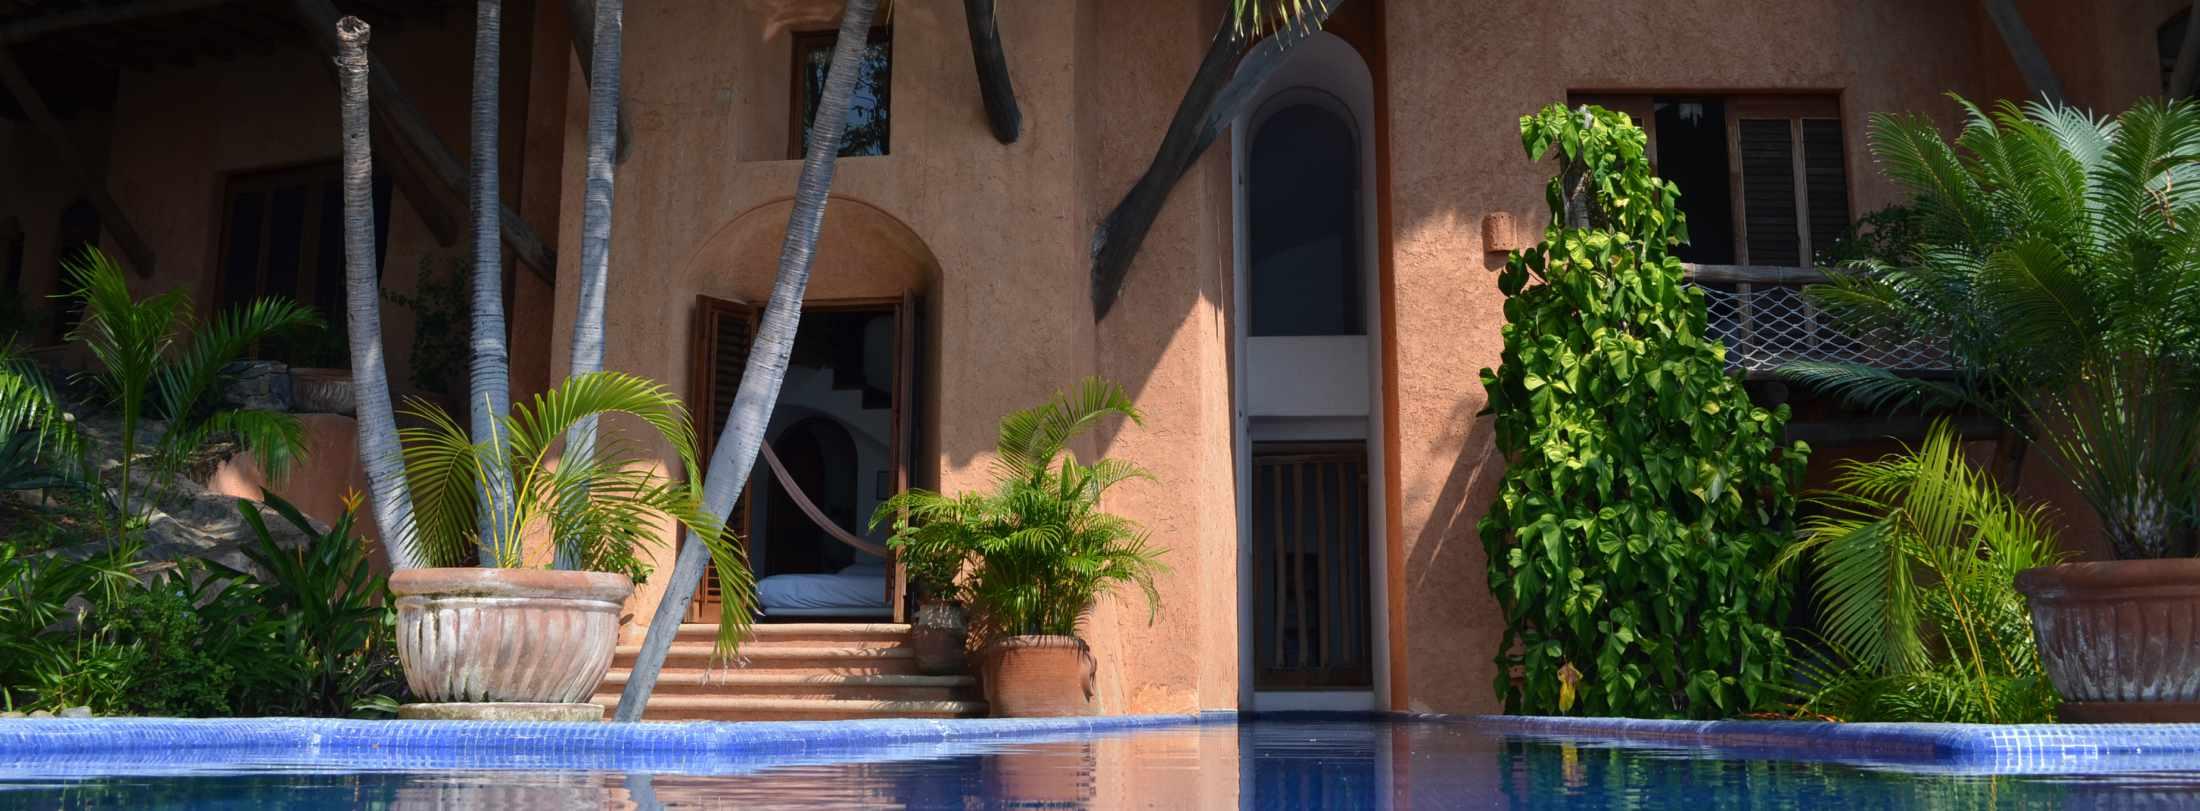 Grupo Pia. Inmobiliaria, Bienes Raíces, Avalúos y Arquitectura en Ixtapa Zihuatanejo